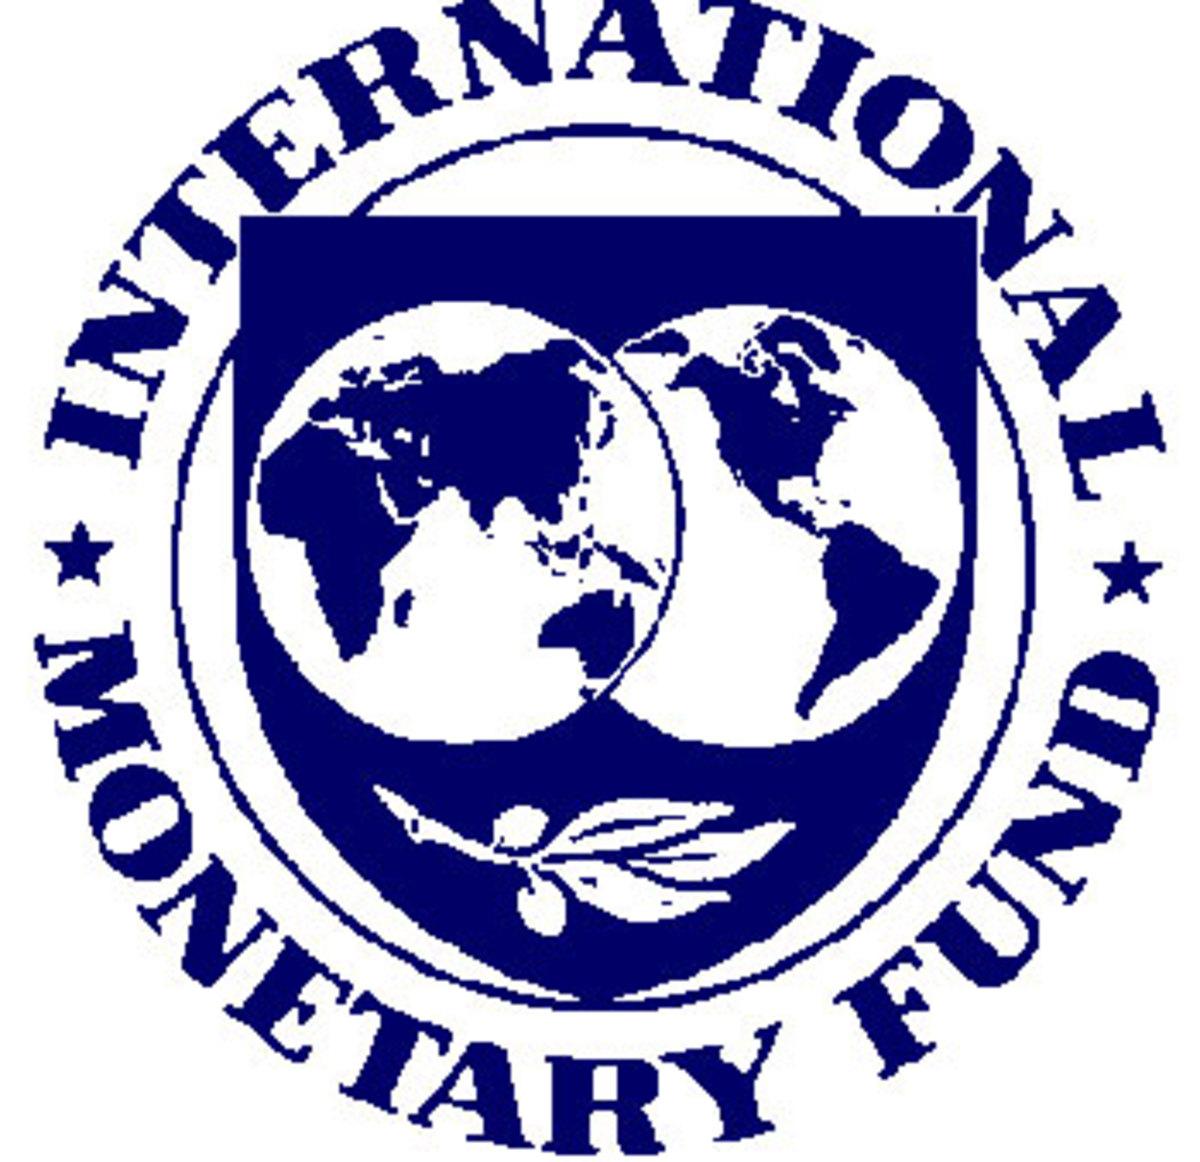 Το ΔΝΤ ετοιμάζεται για έξοδο της Ελλάδας από το ευρώ   Newsit.gr